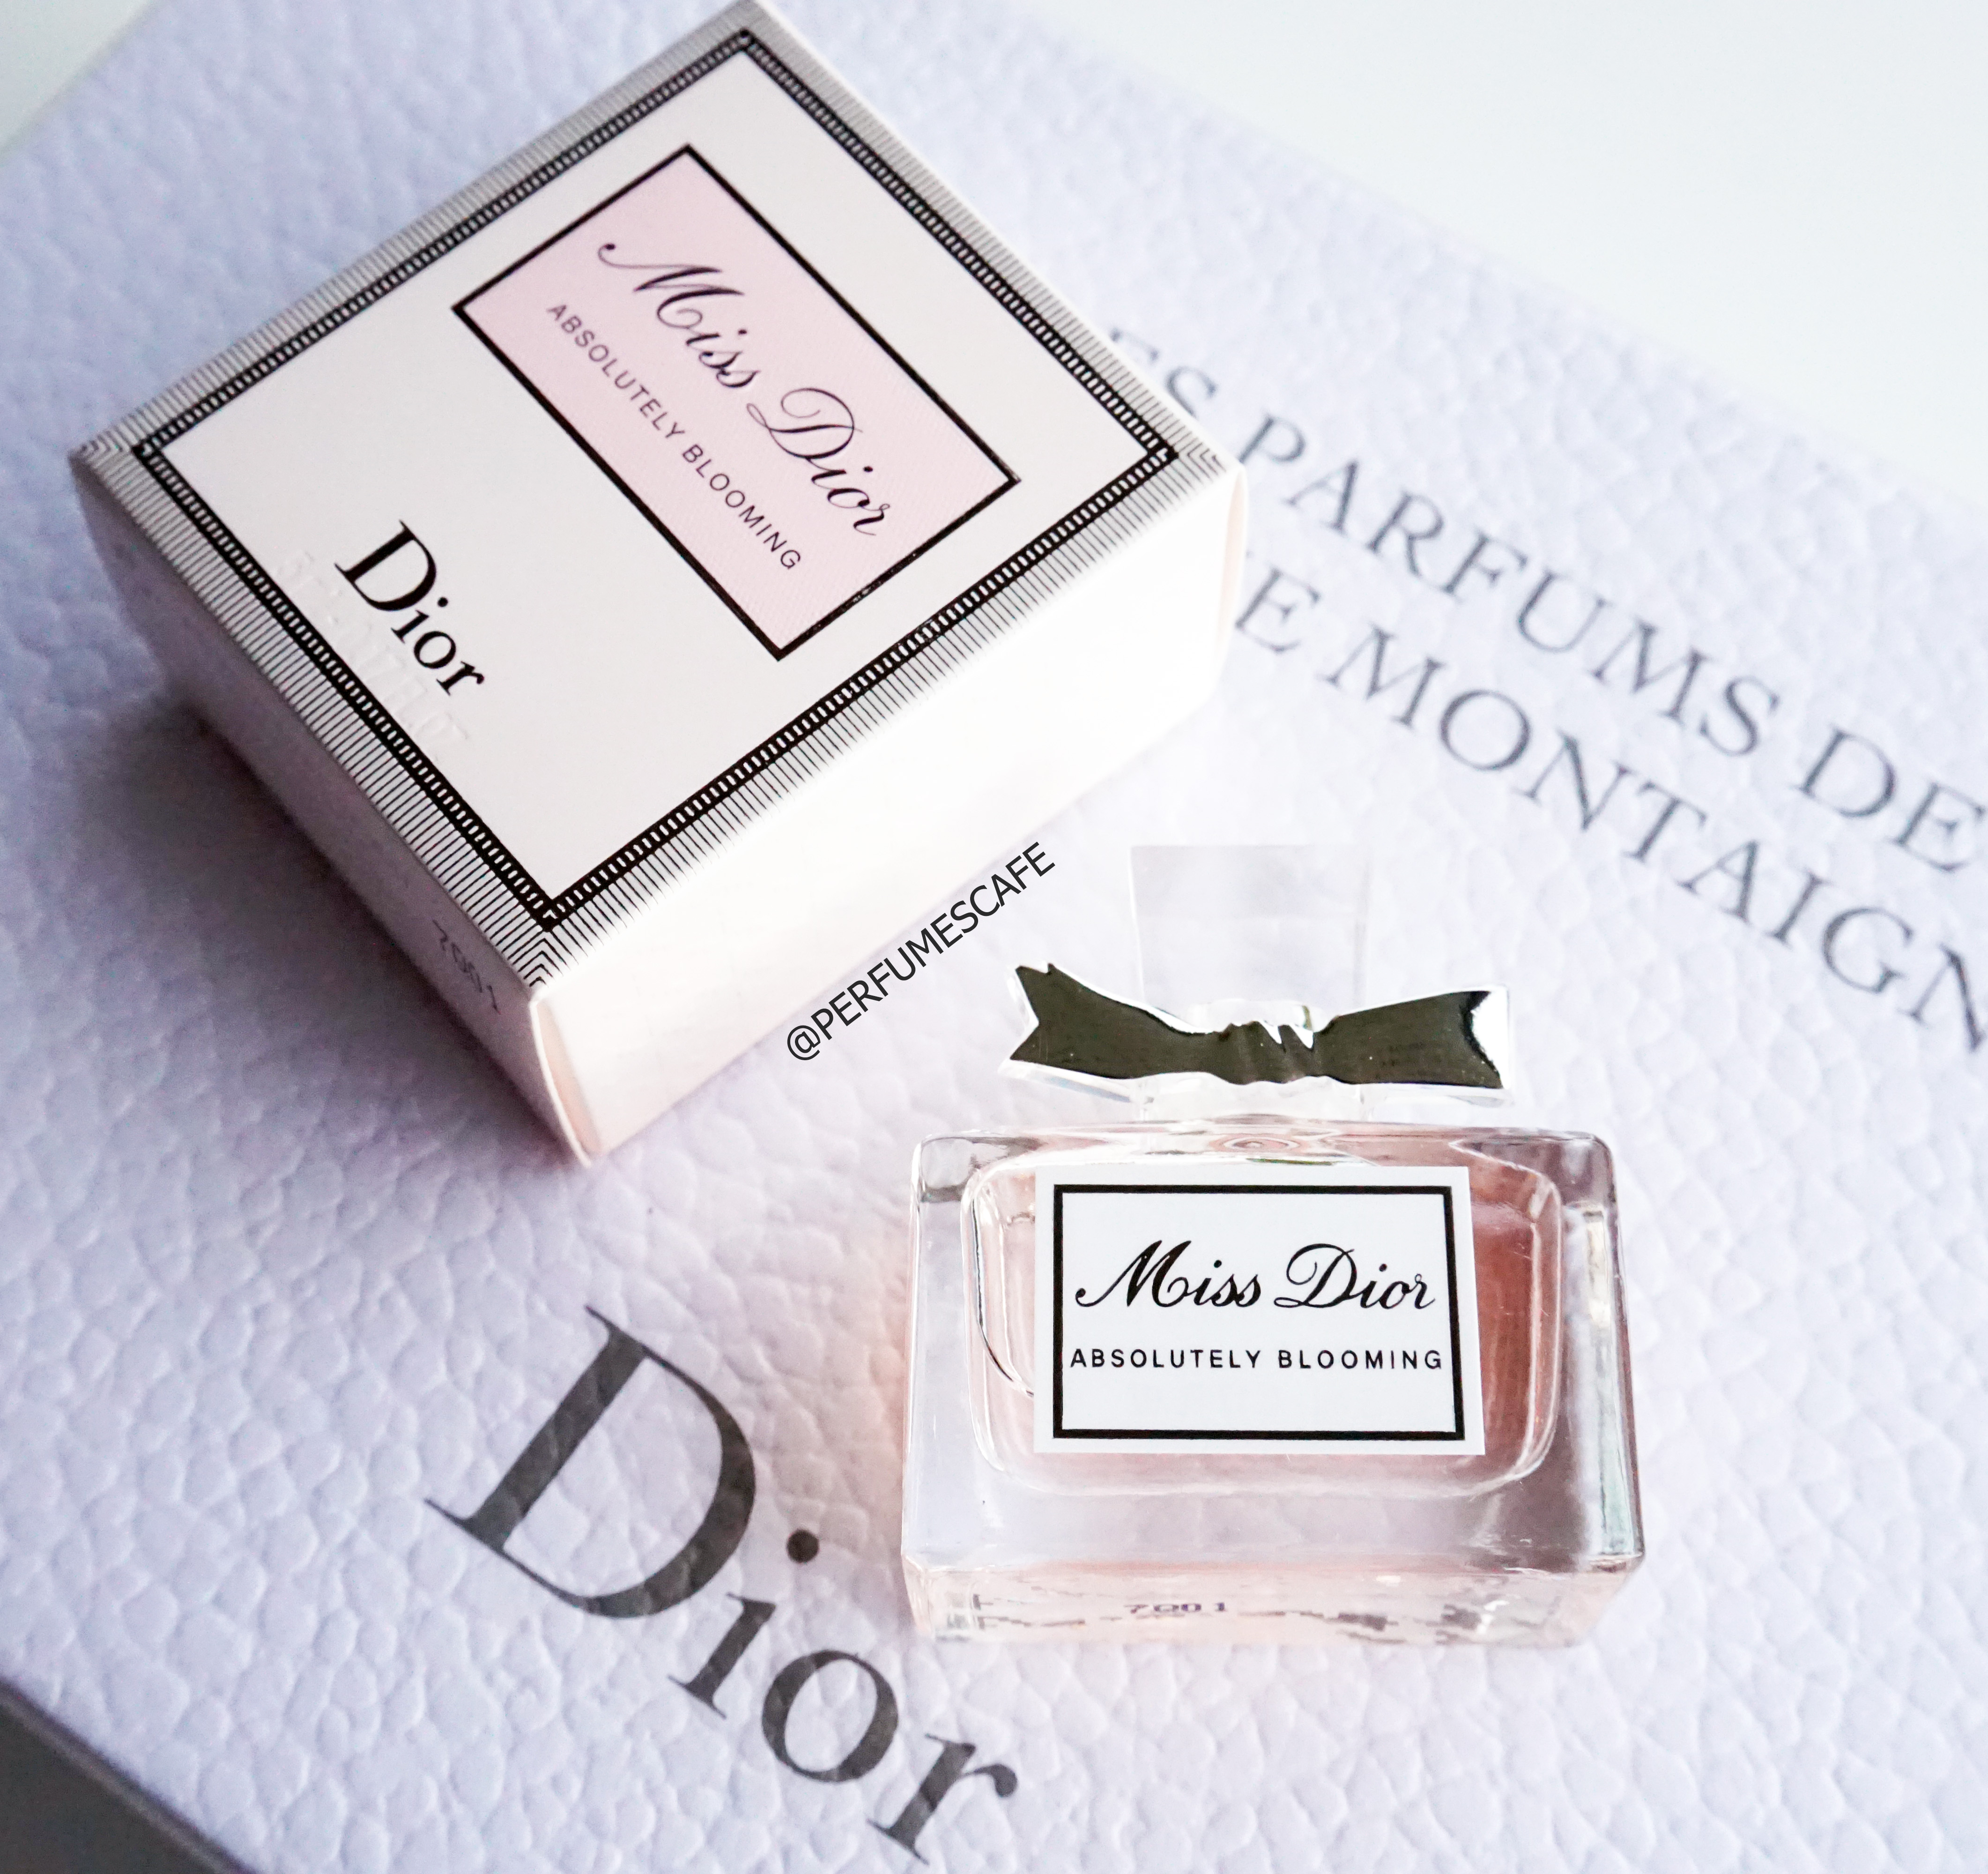 น้ำหอม Miss Dior Absolutely Blooming EDP ขนาด 5ml แบบแต้ม